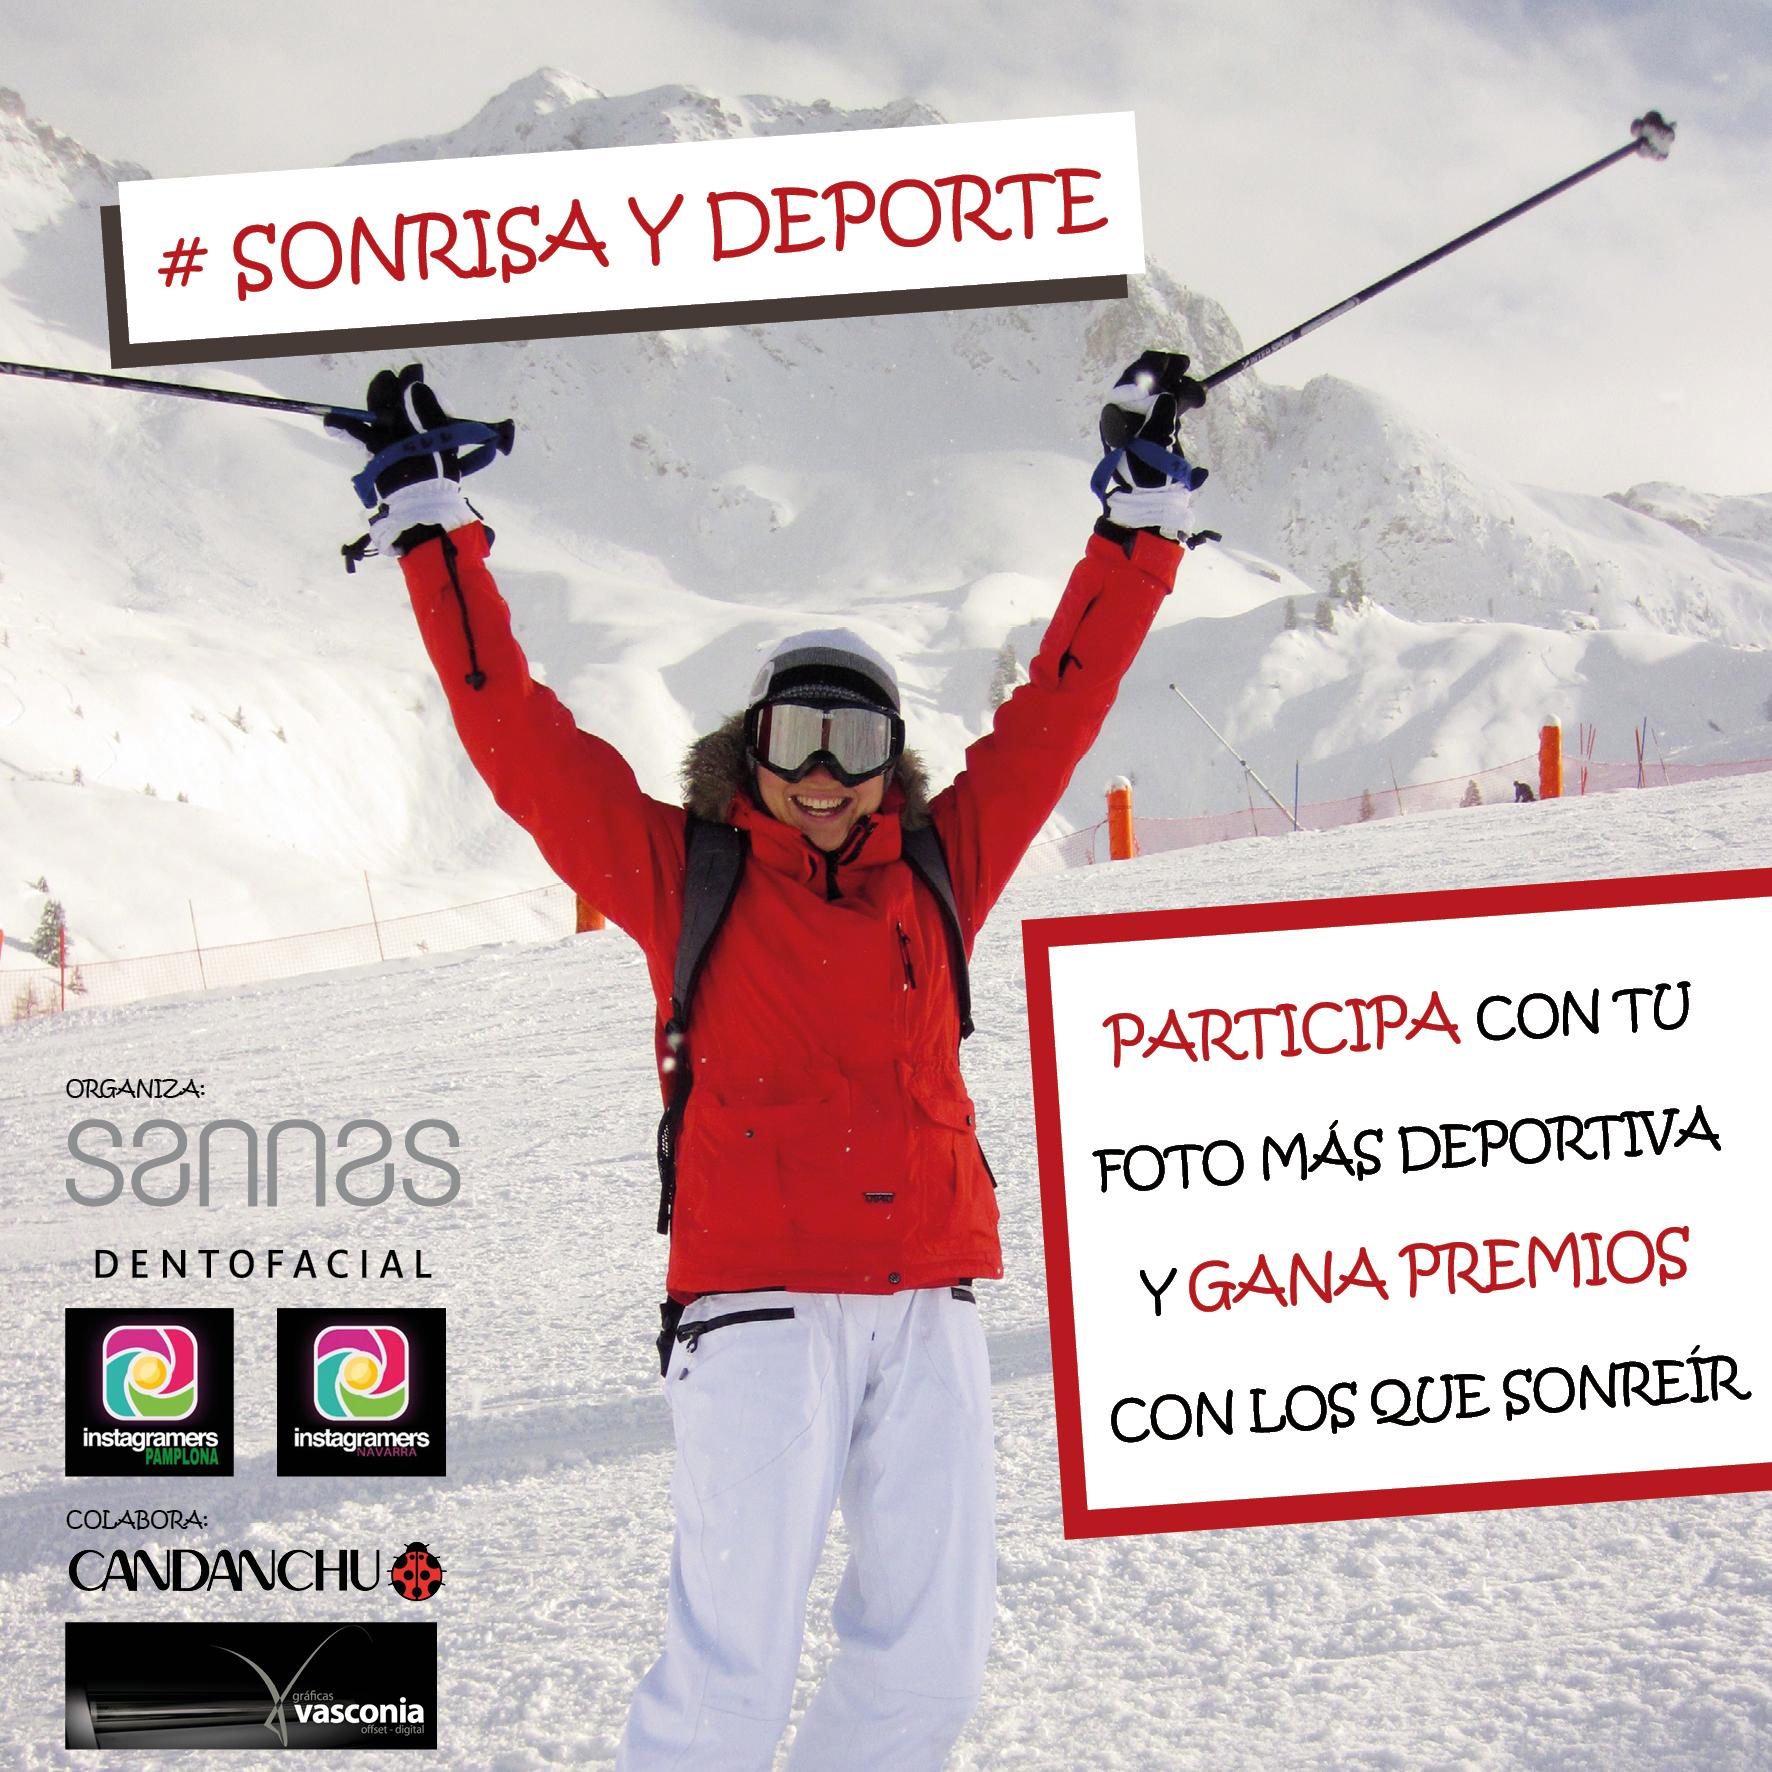 Nuevo concurso en instagram #sonrisaydeporte